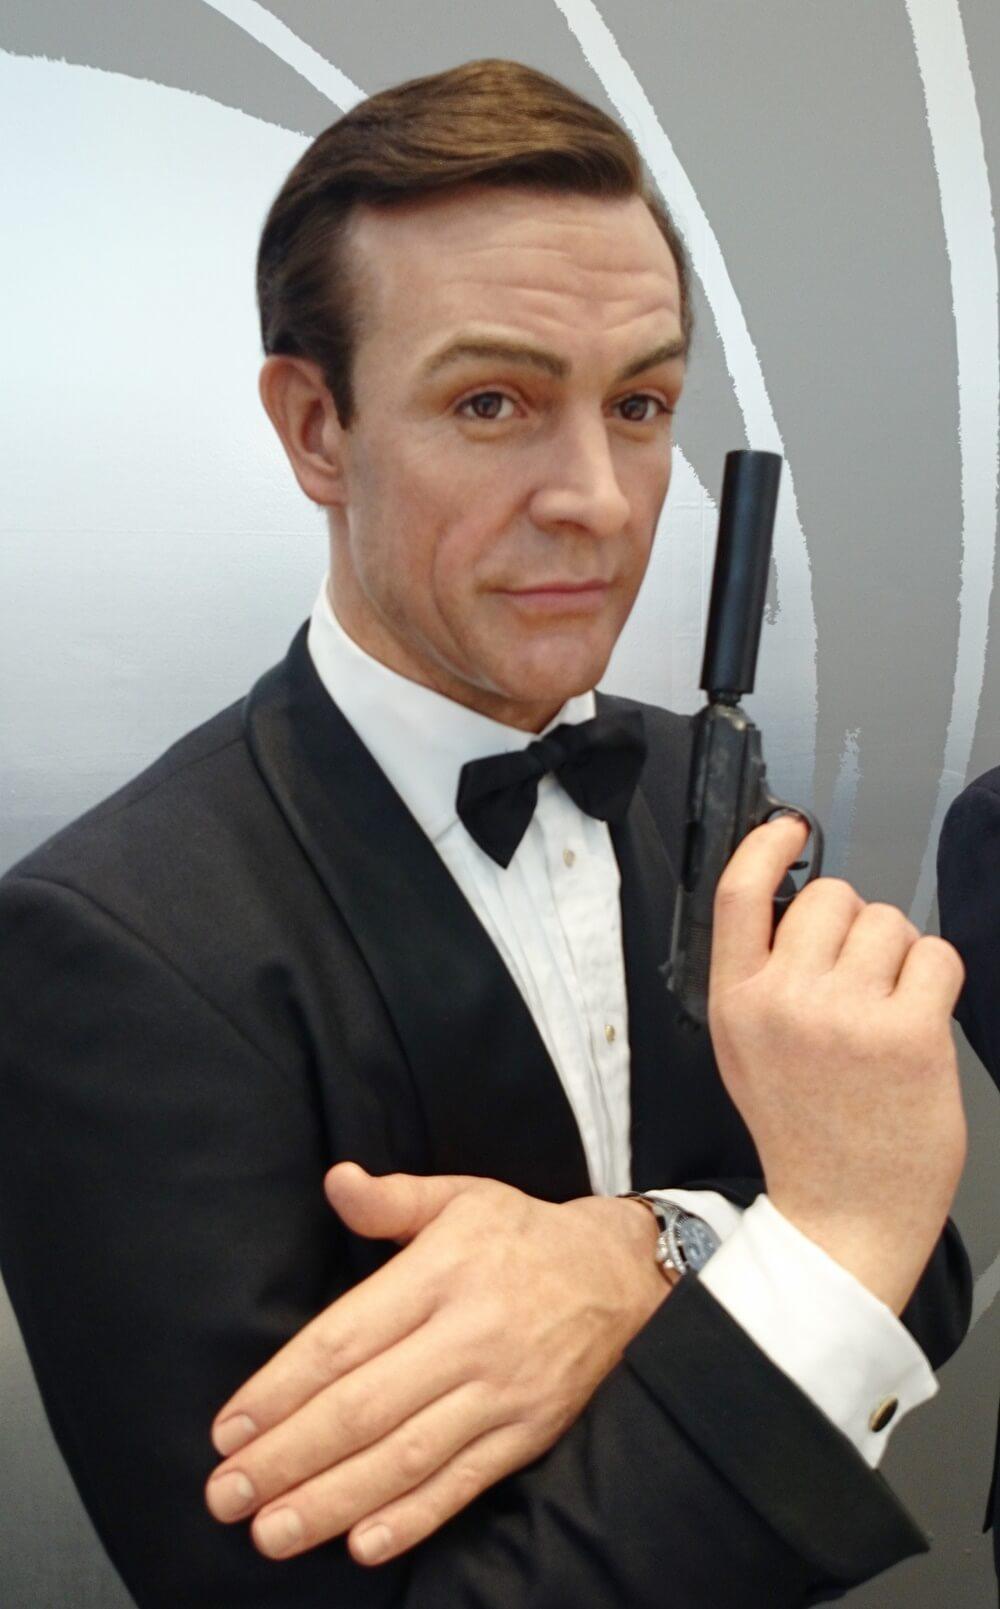 1代目:ショーン・コネリー(Sean Connery) 歴代ジェームス・ボンド マダムタッソー バーニーズニューヨーク 007_madametussauds_BARNEYS NEW YORK